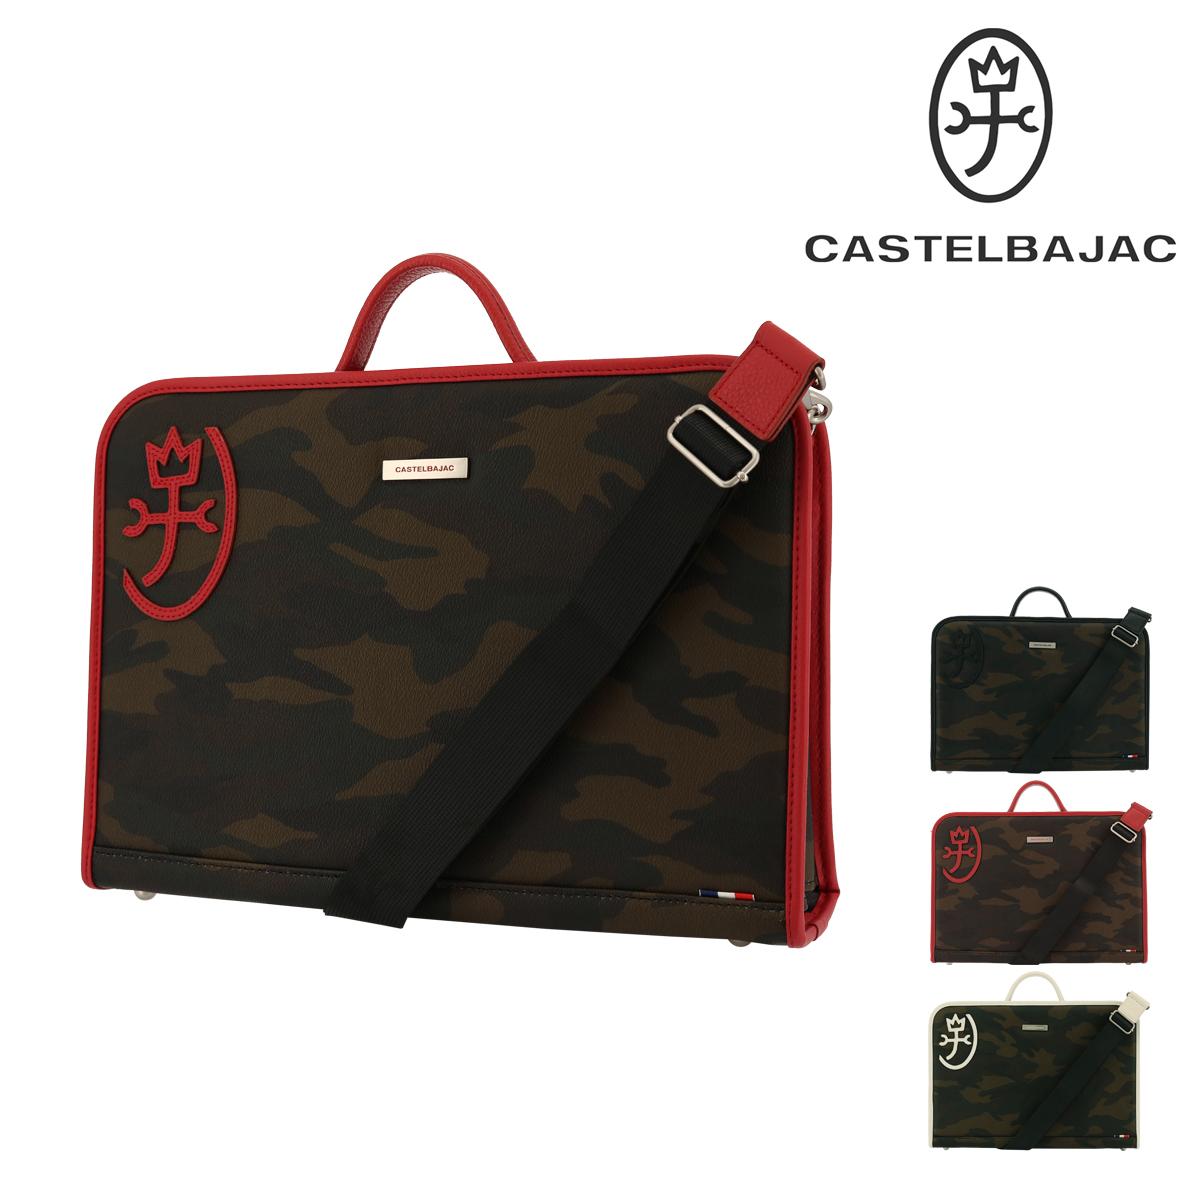 カステルバジャック ビジネスバッグ アルマ メンズ 23203 CASTELBAJAC | ブリーフケース ショルダーバッグ[PO10]